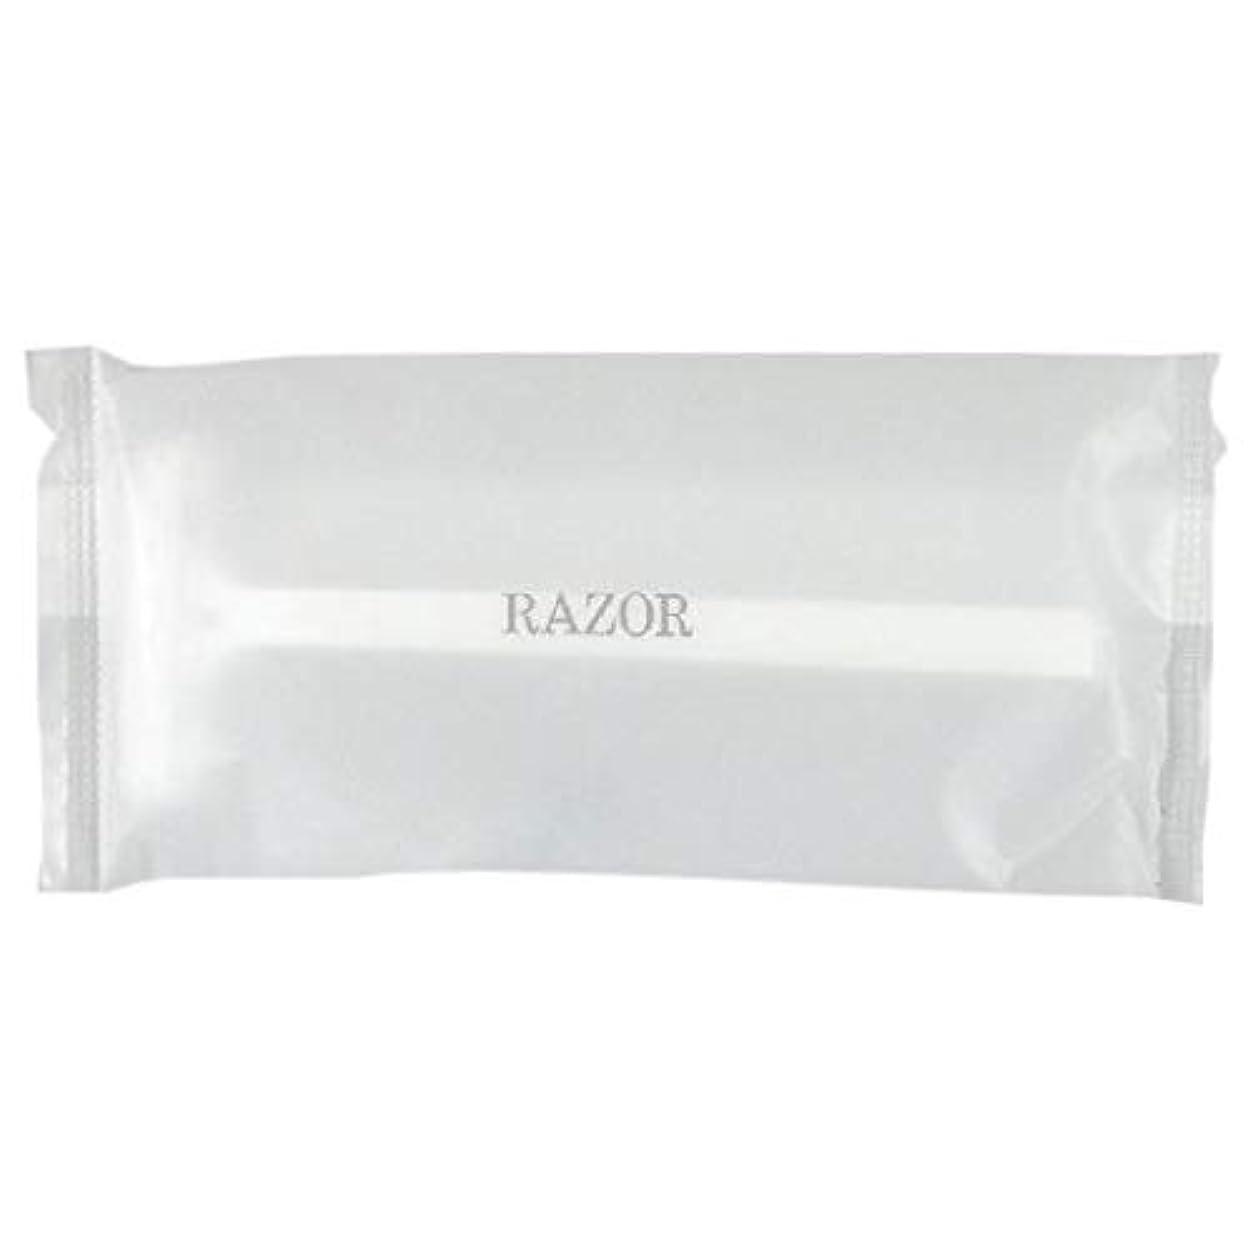 プログラムテスト白菜カミソリ2枚刃 フェザーシティエース-4 マットOPP袋 50入